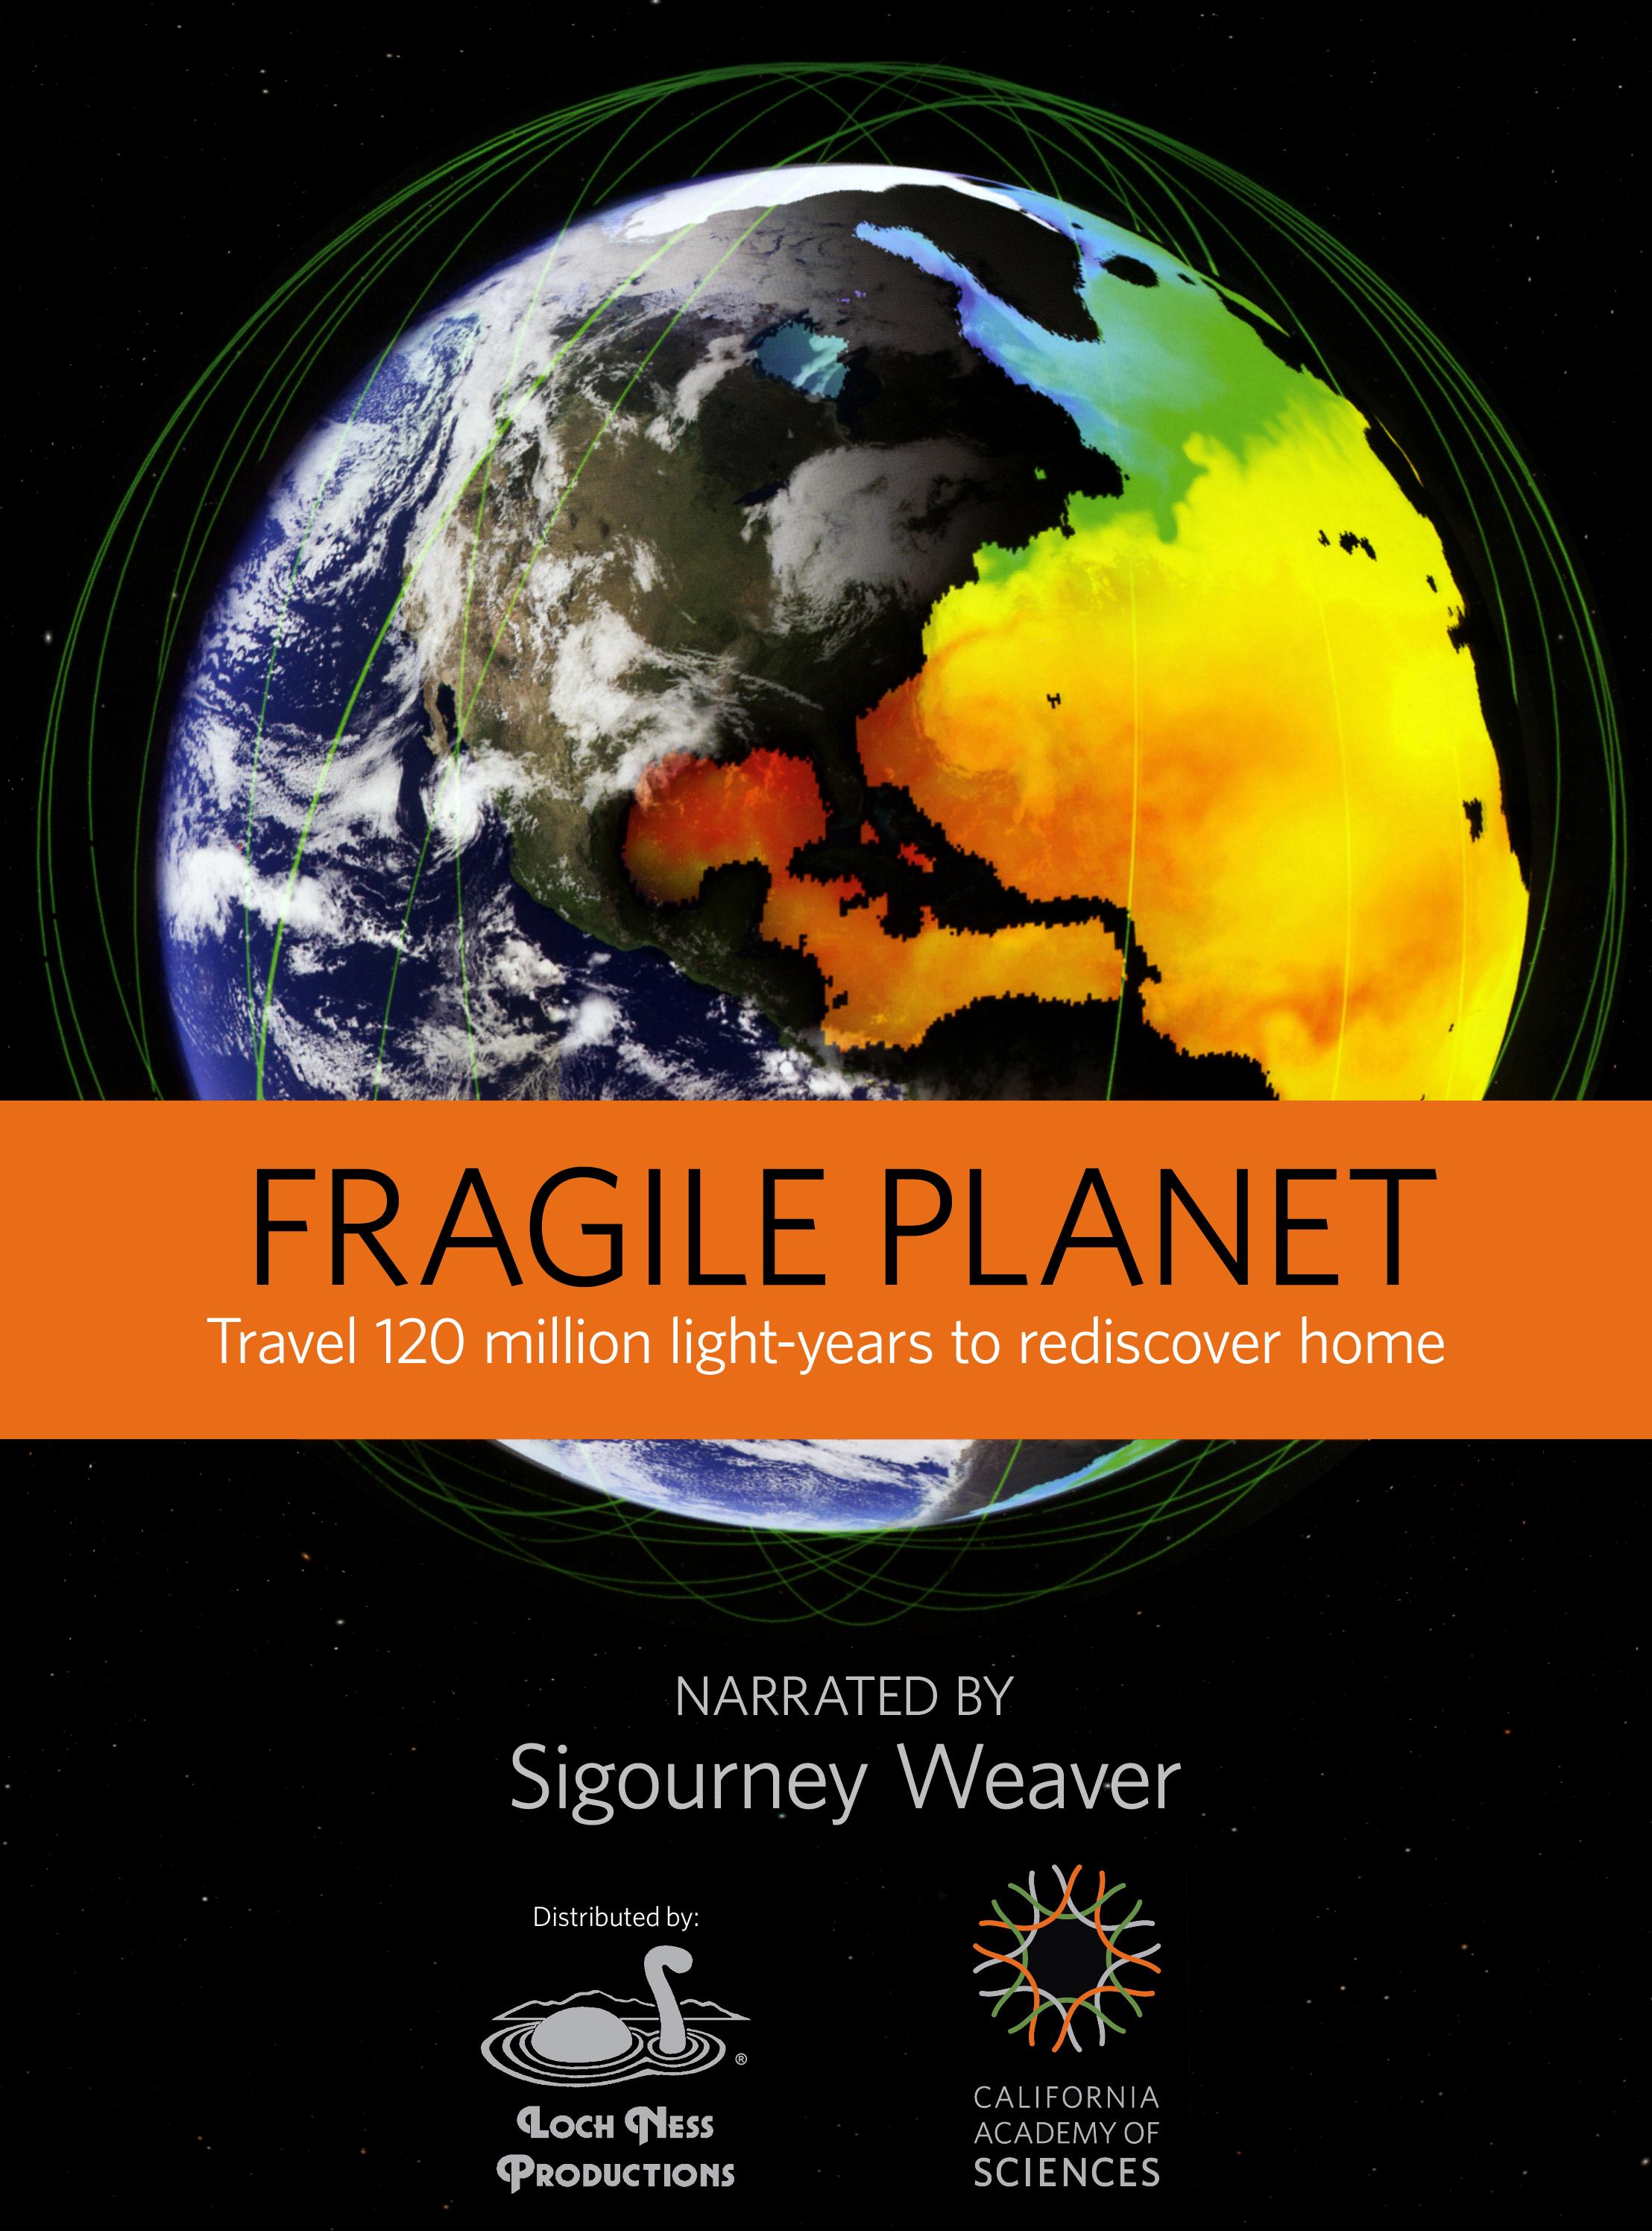 LNP: Fragile Planet